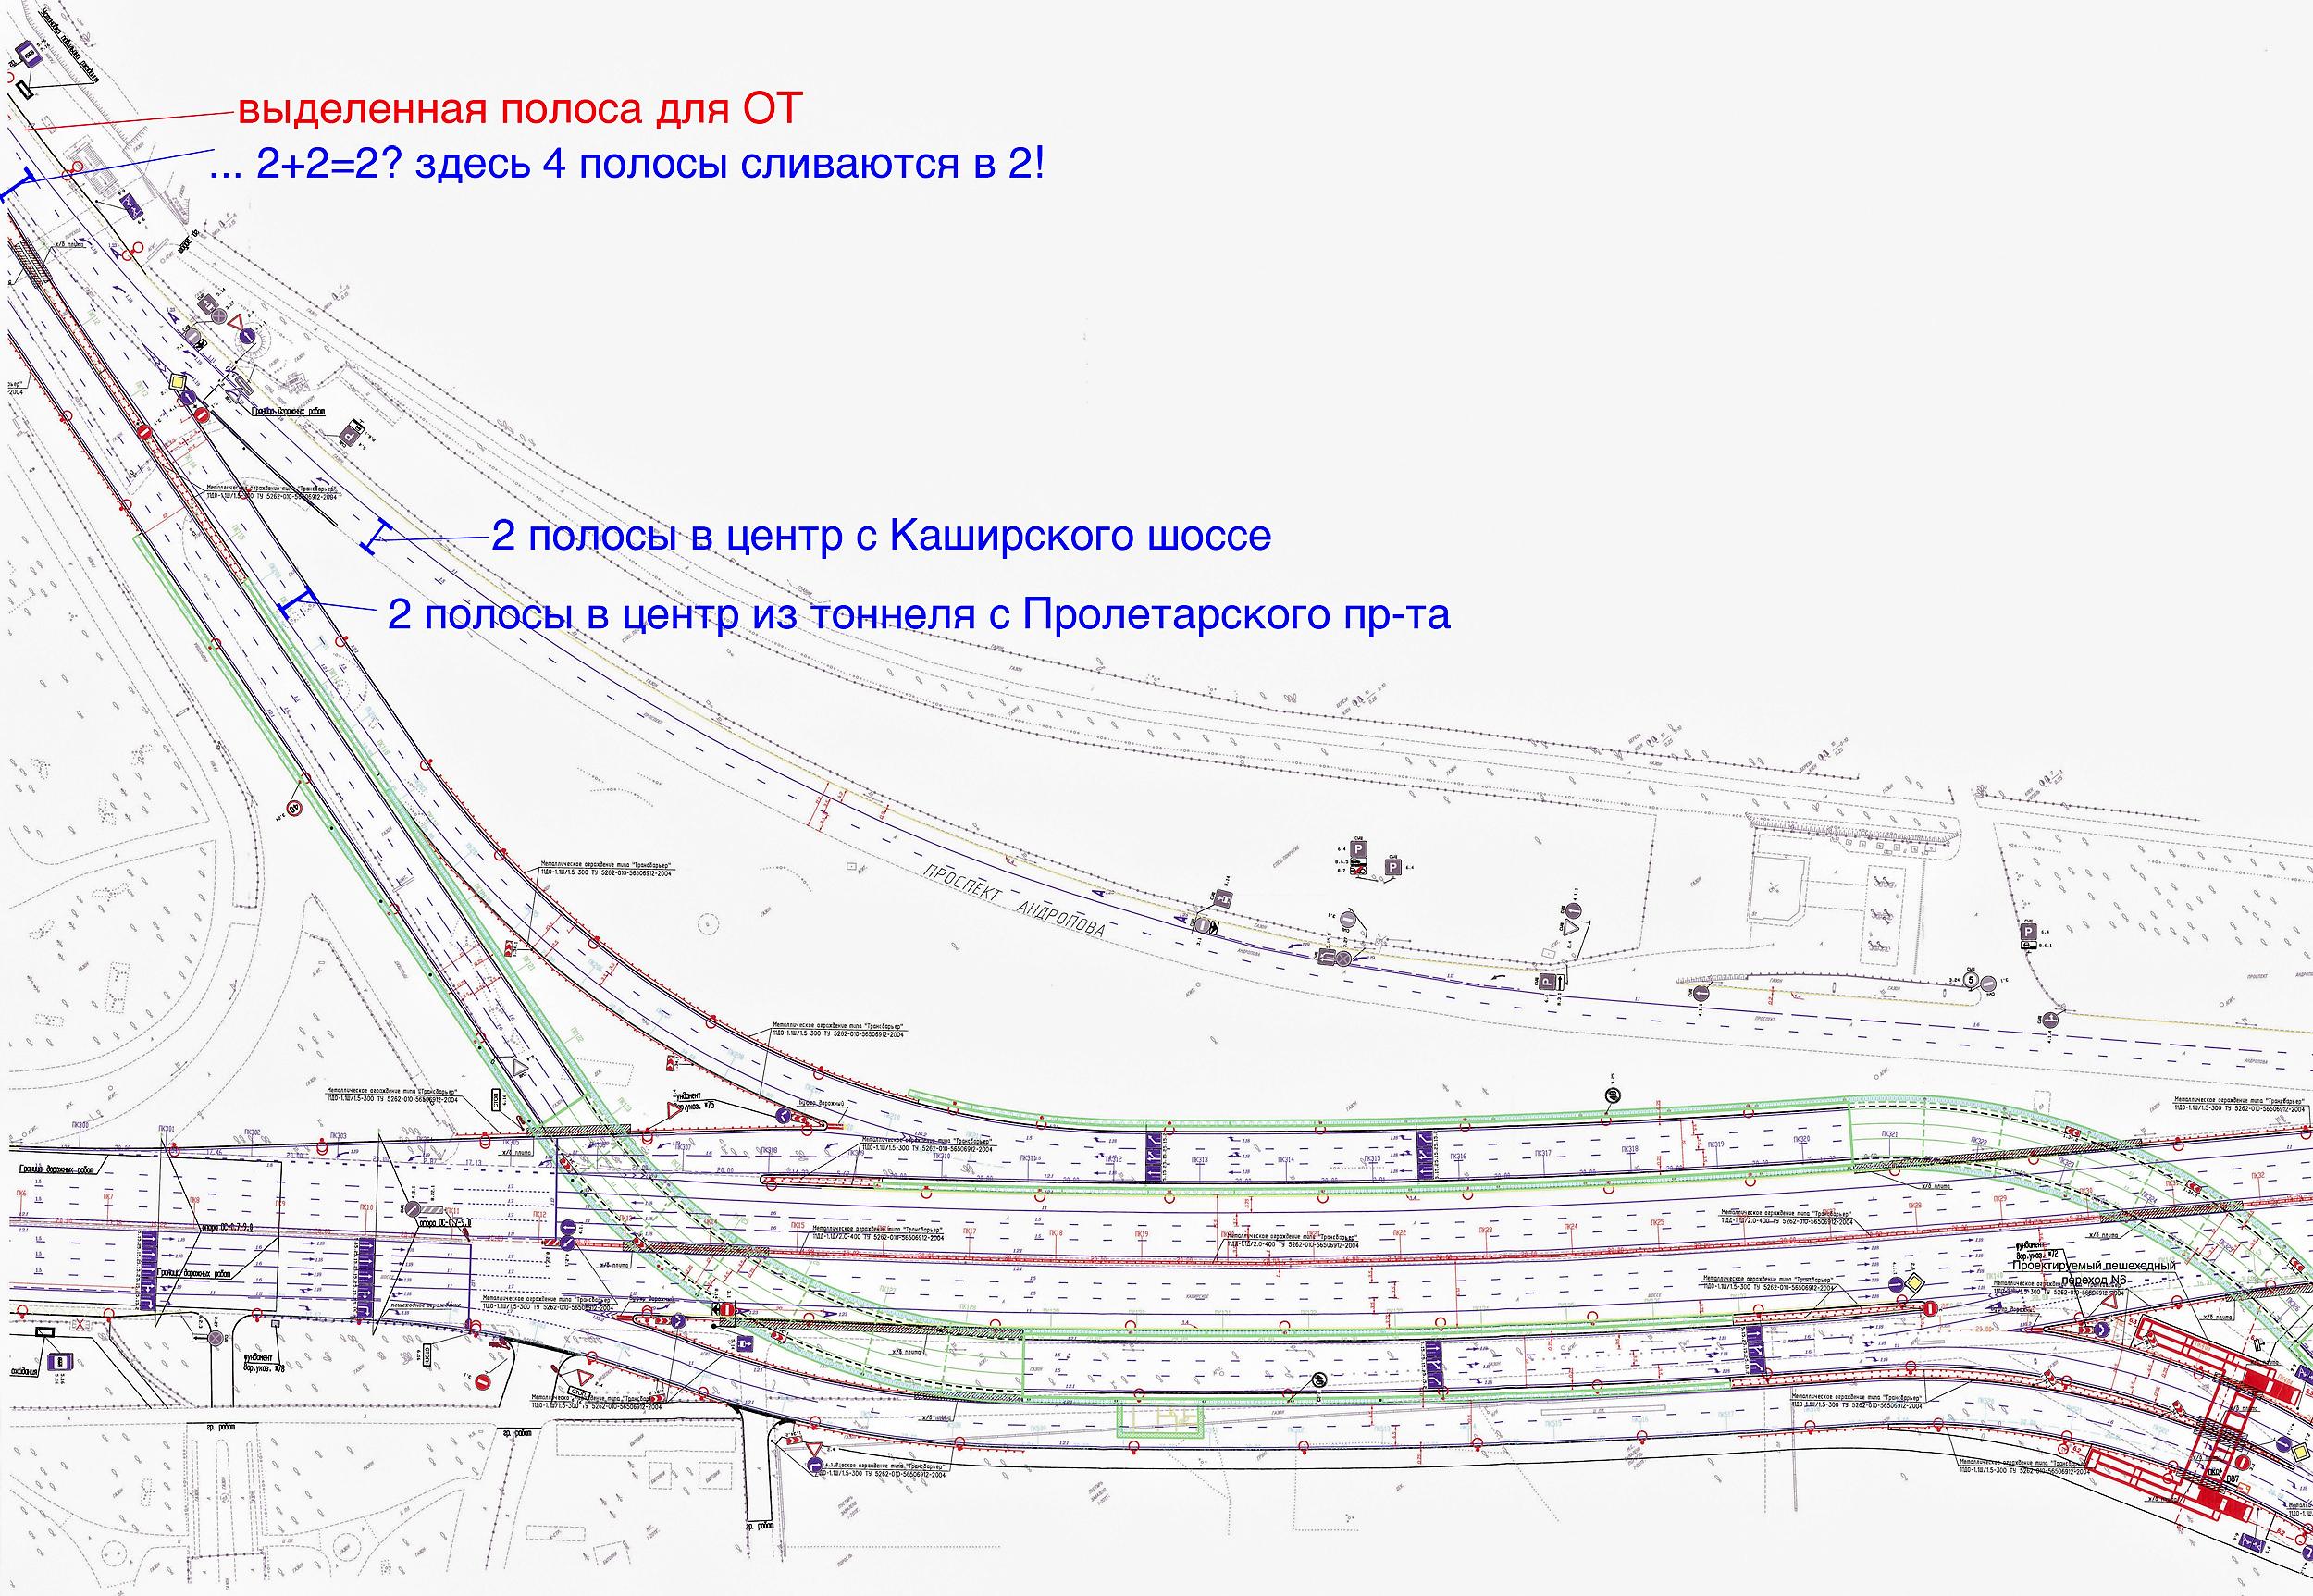 схема движения у карусели на варшавском шоссе